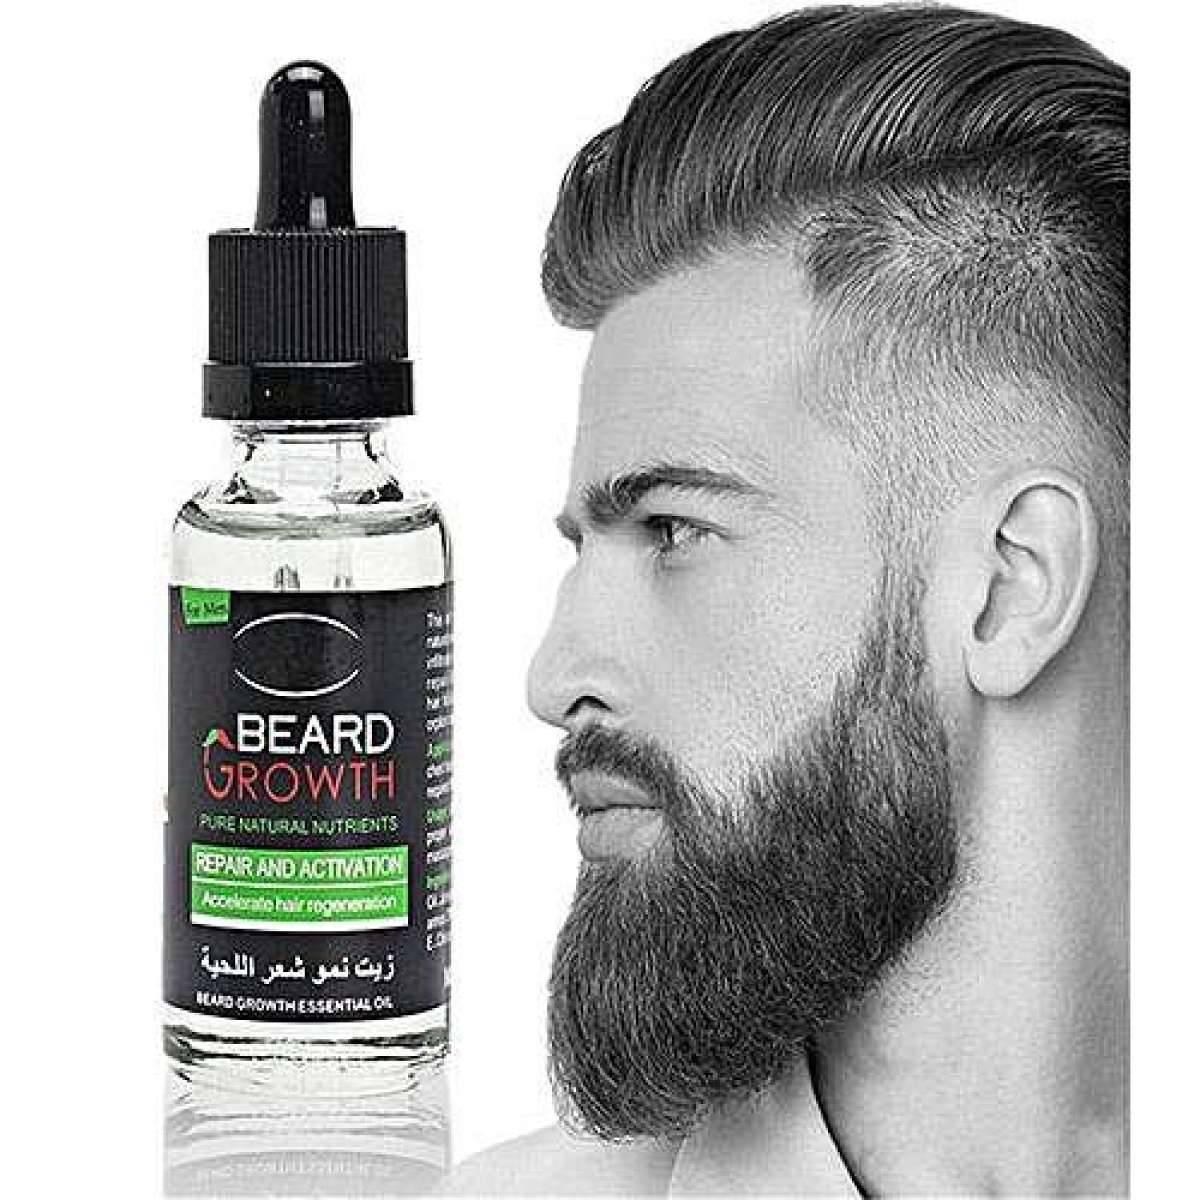 Beard Growth Esential Oil Enhance Facial beard Nutrition